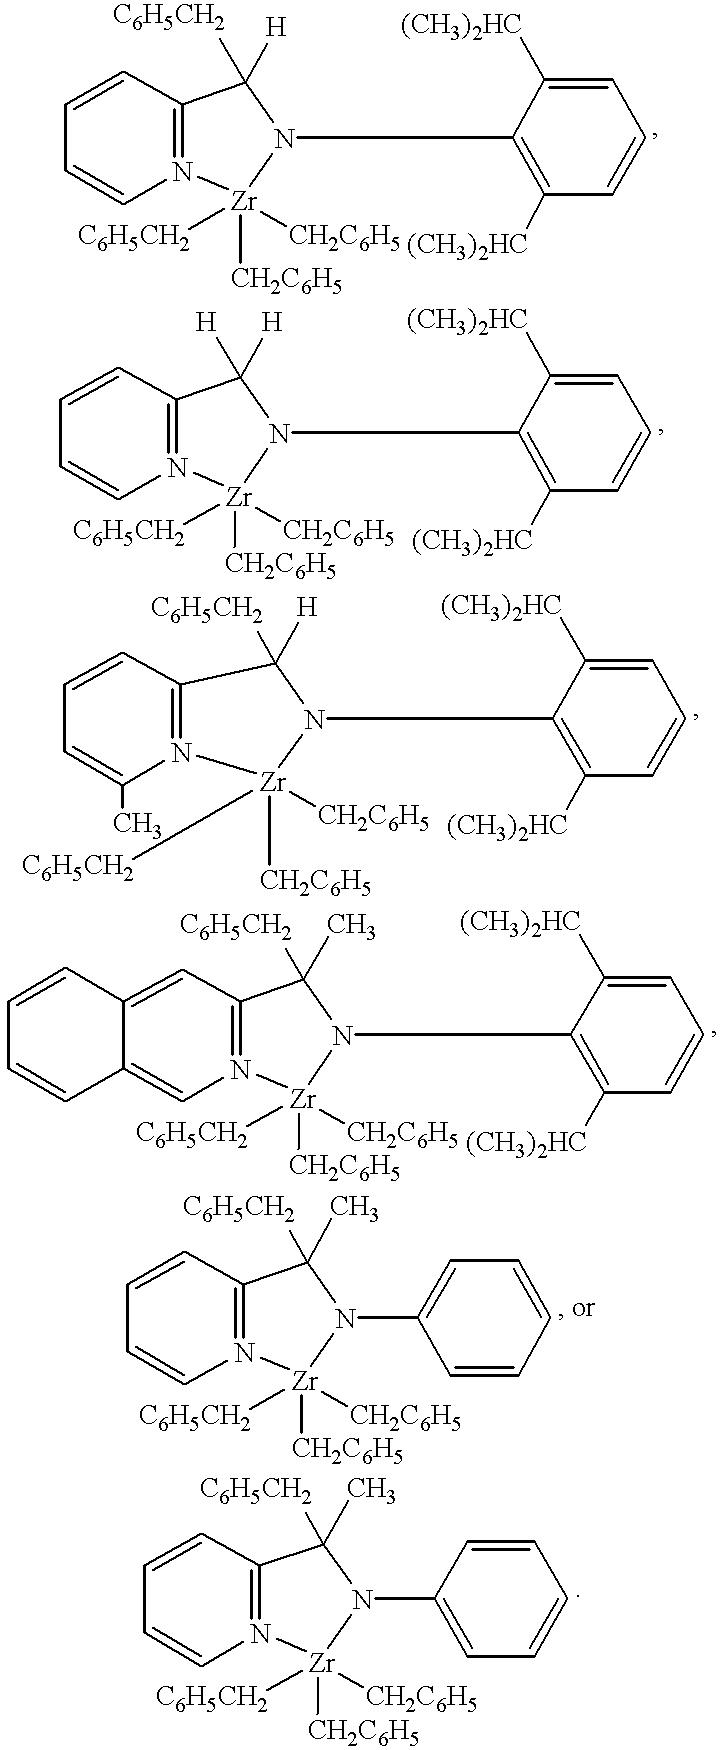 Figure US06320005-20011120-C00067